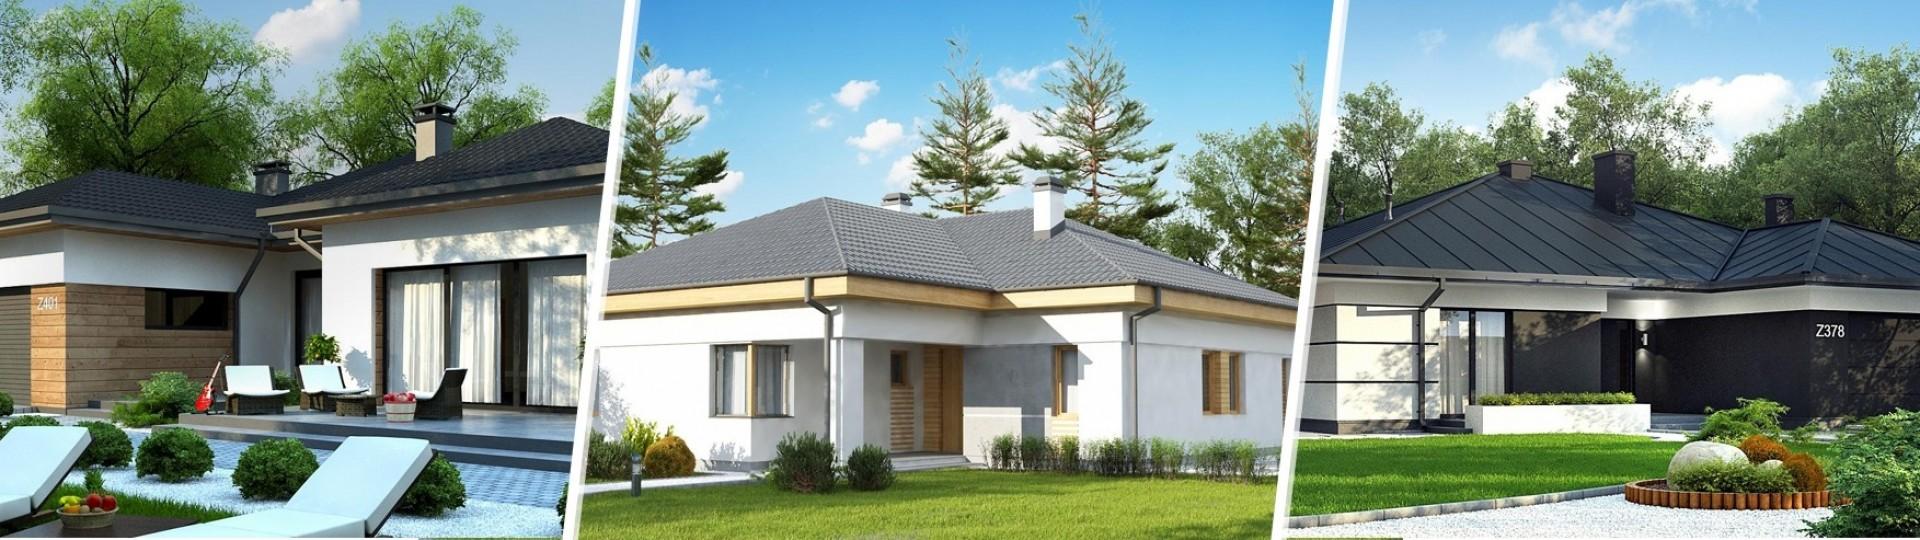 Debrecen és környékén eladó kiadó ingatlanok.